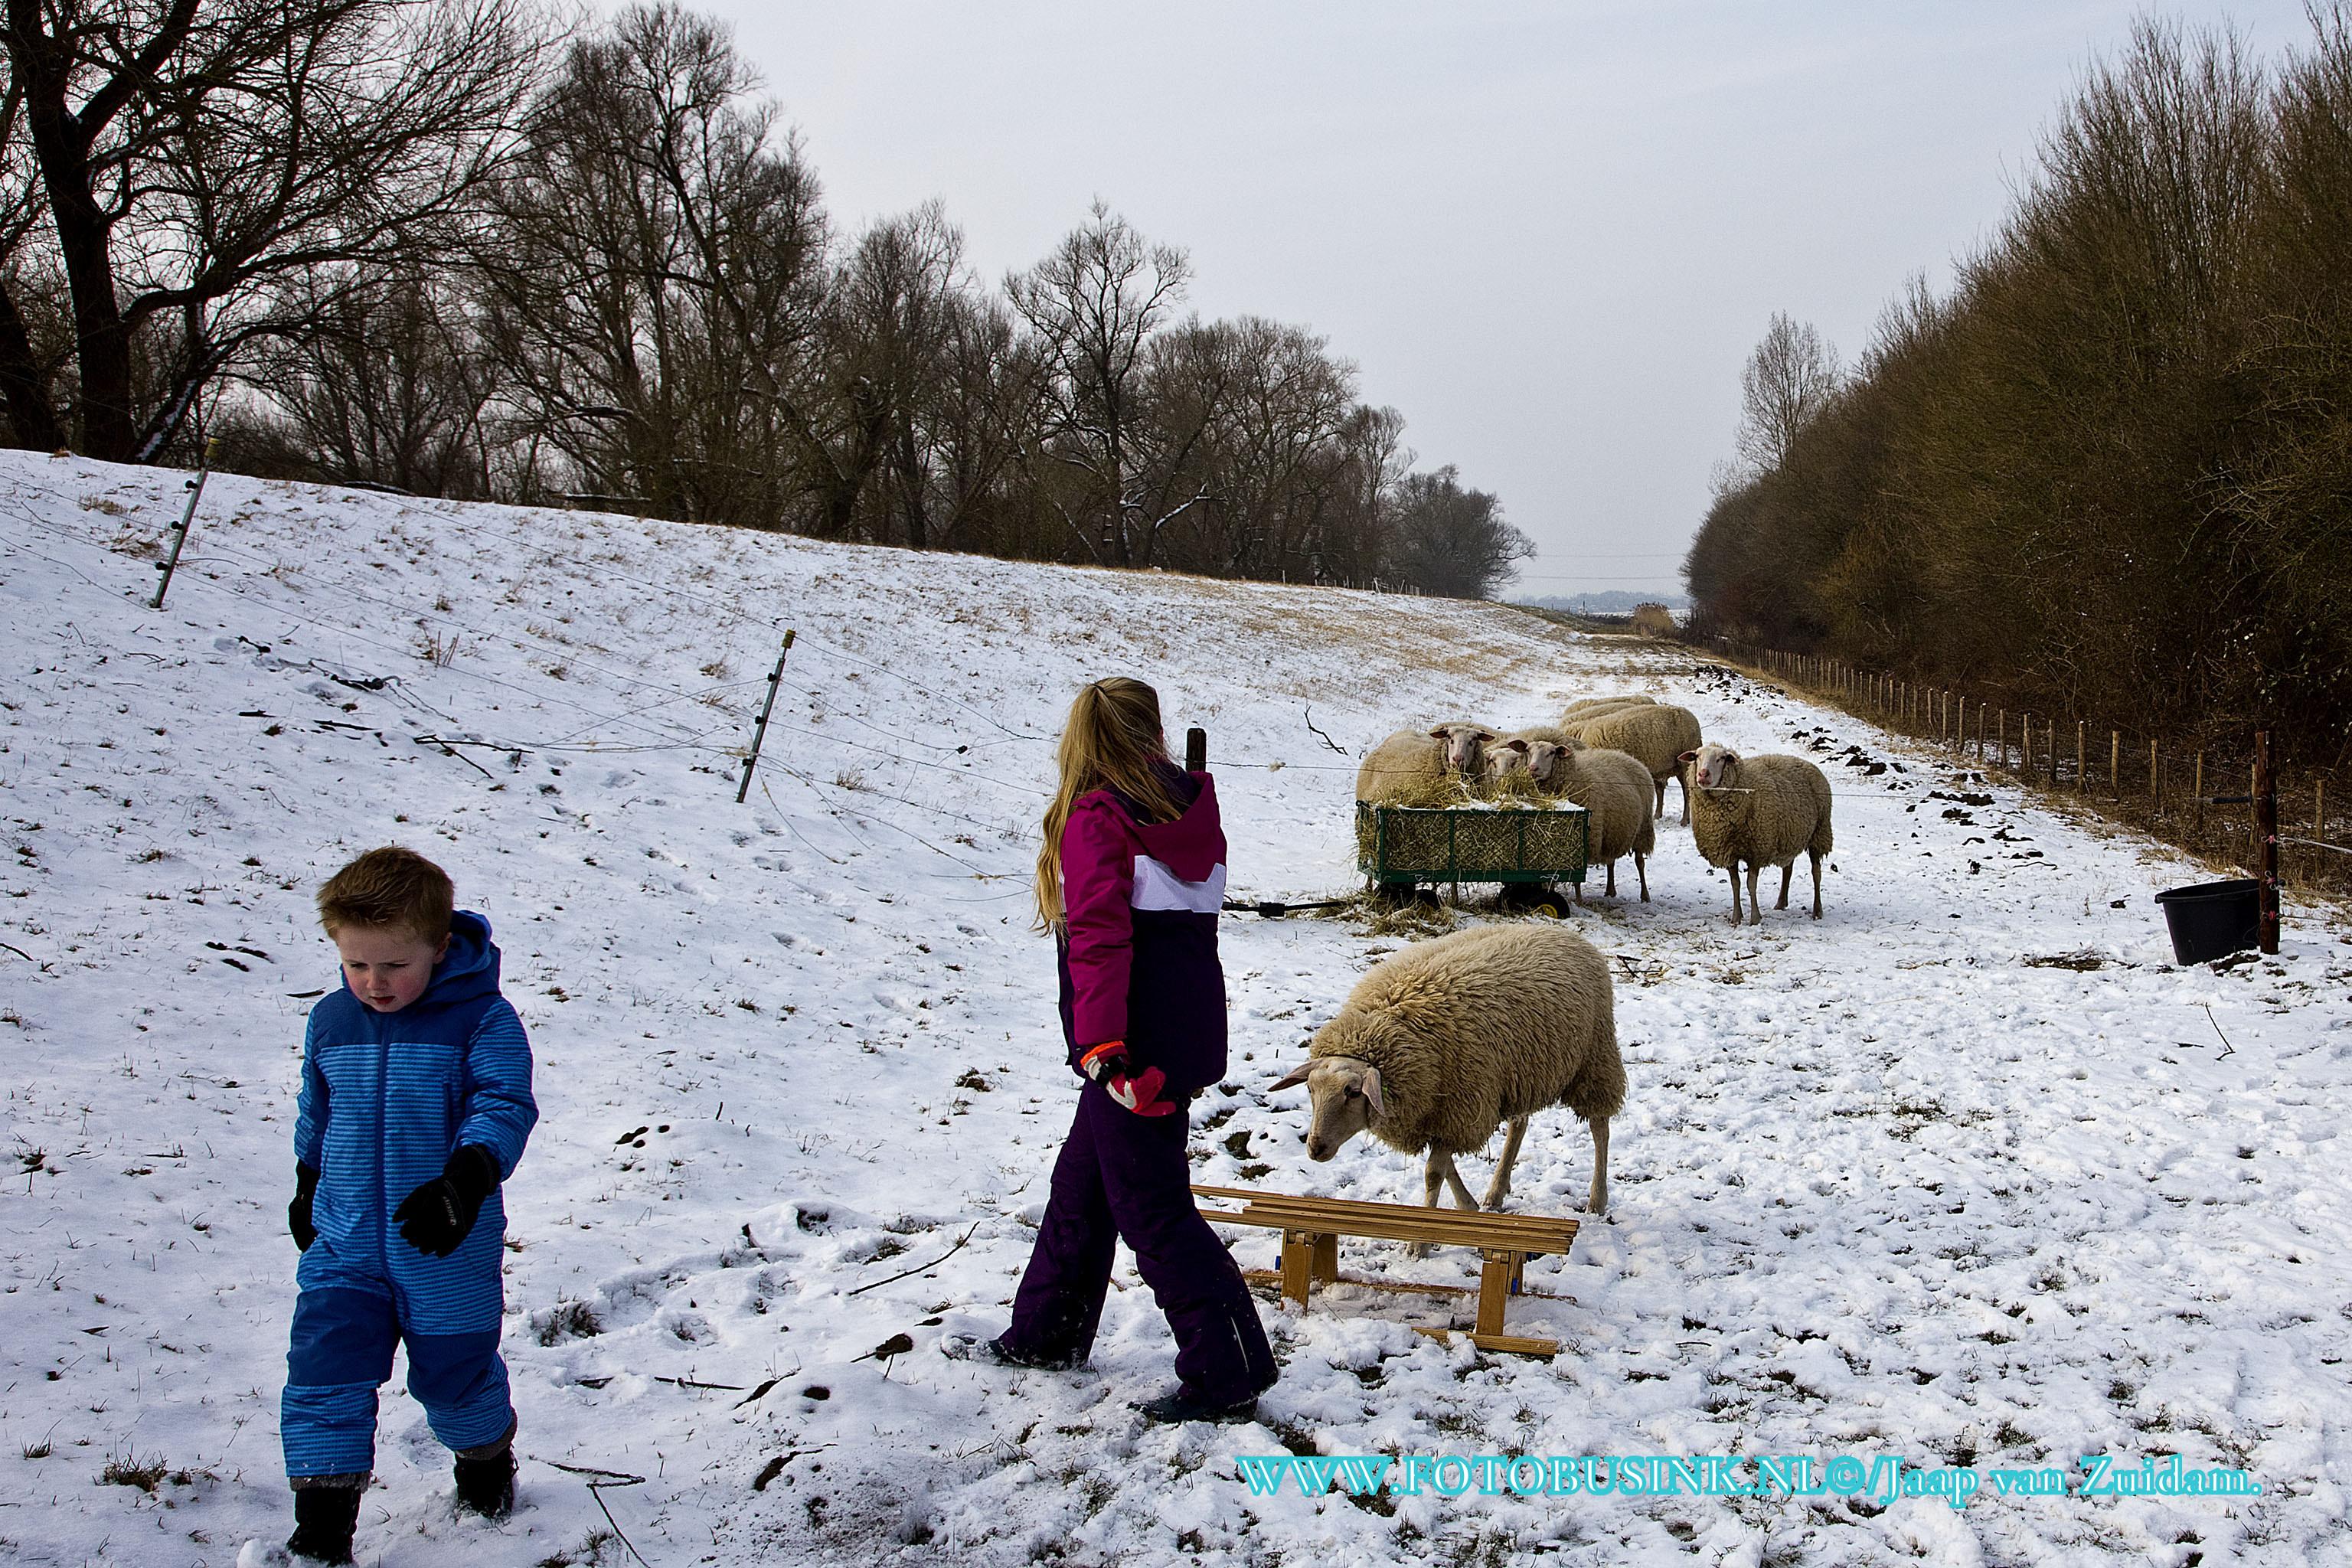 Schaapjes voeren met de slee in de sneeuw.